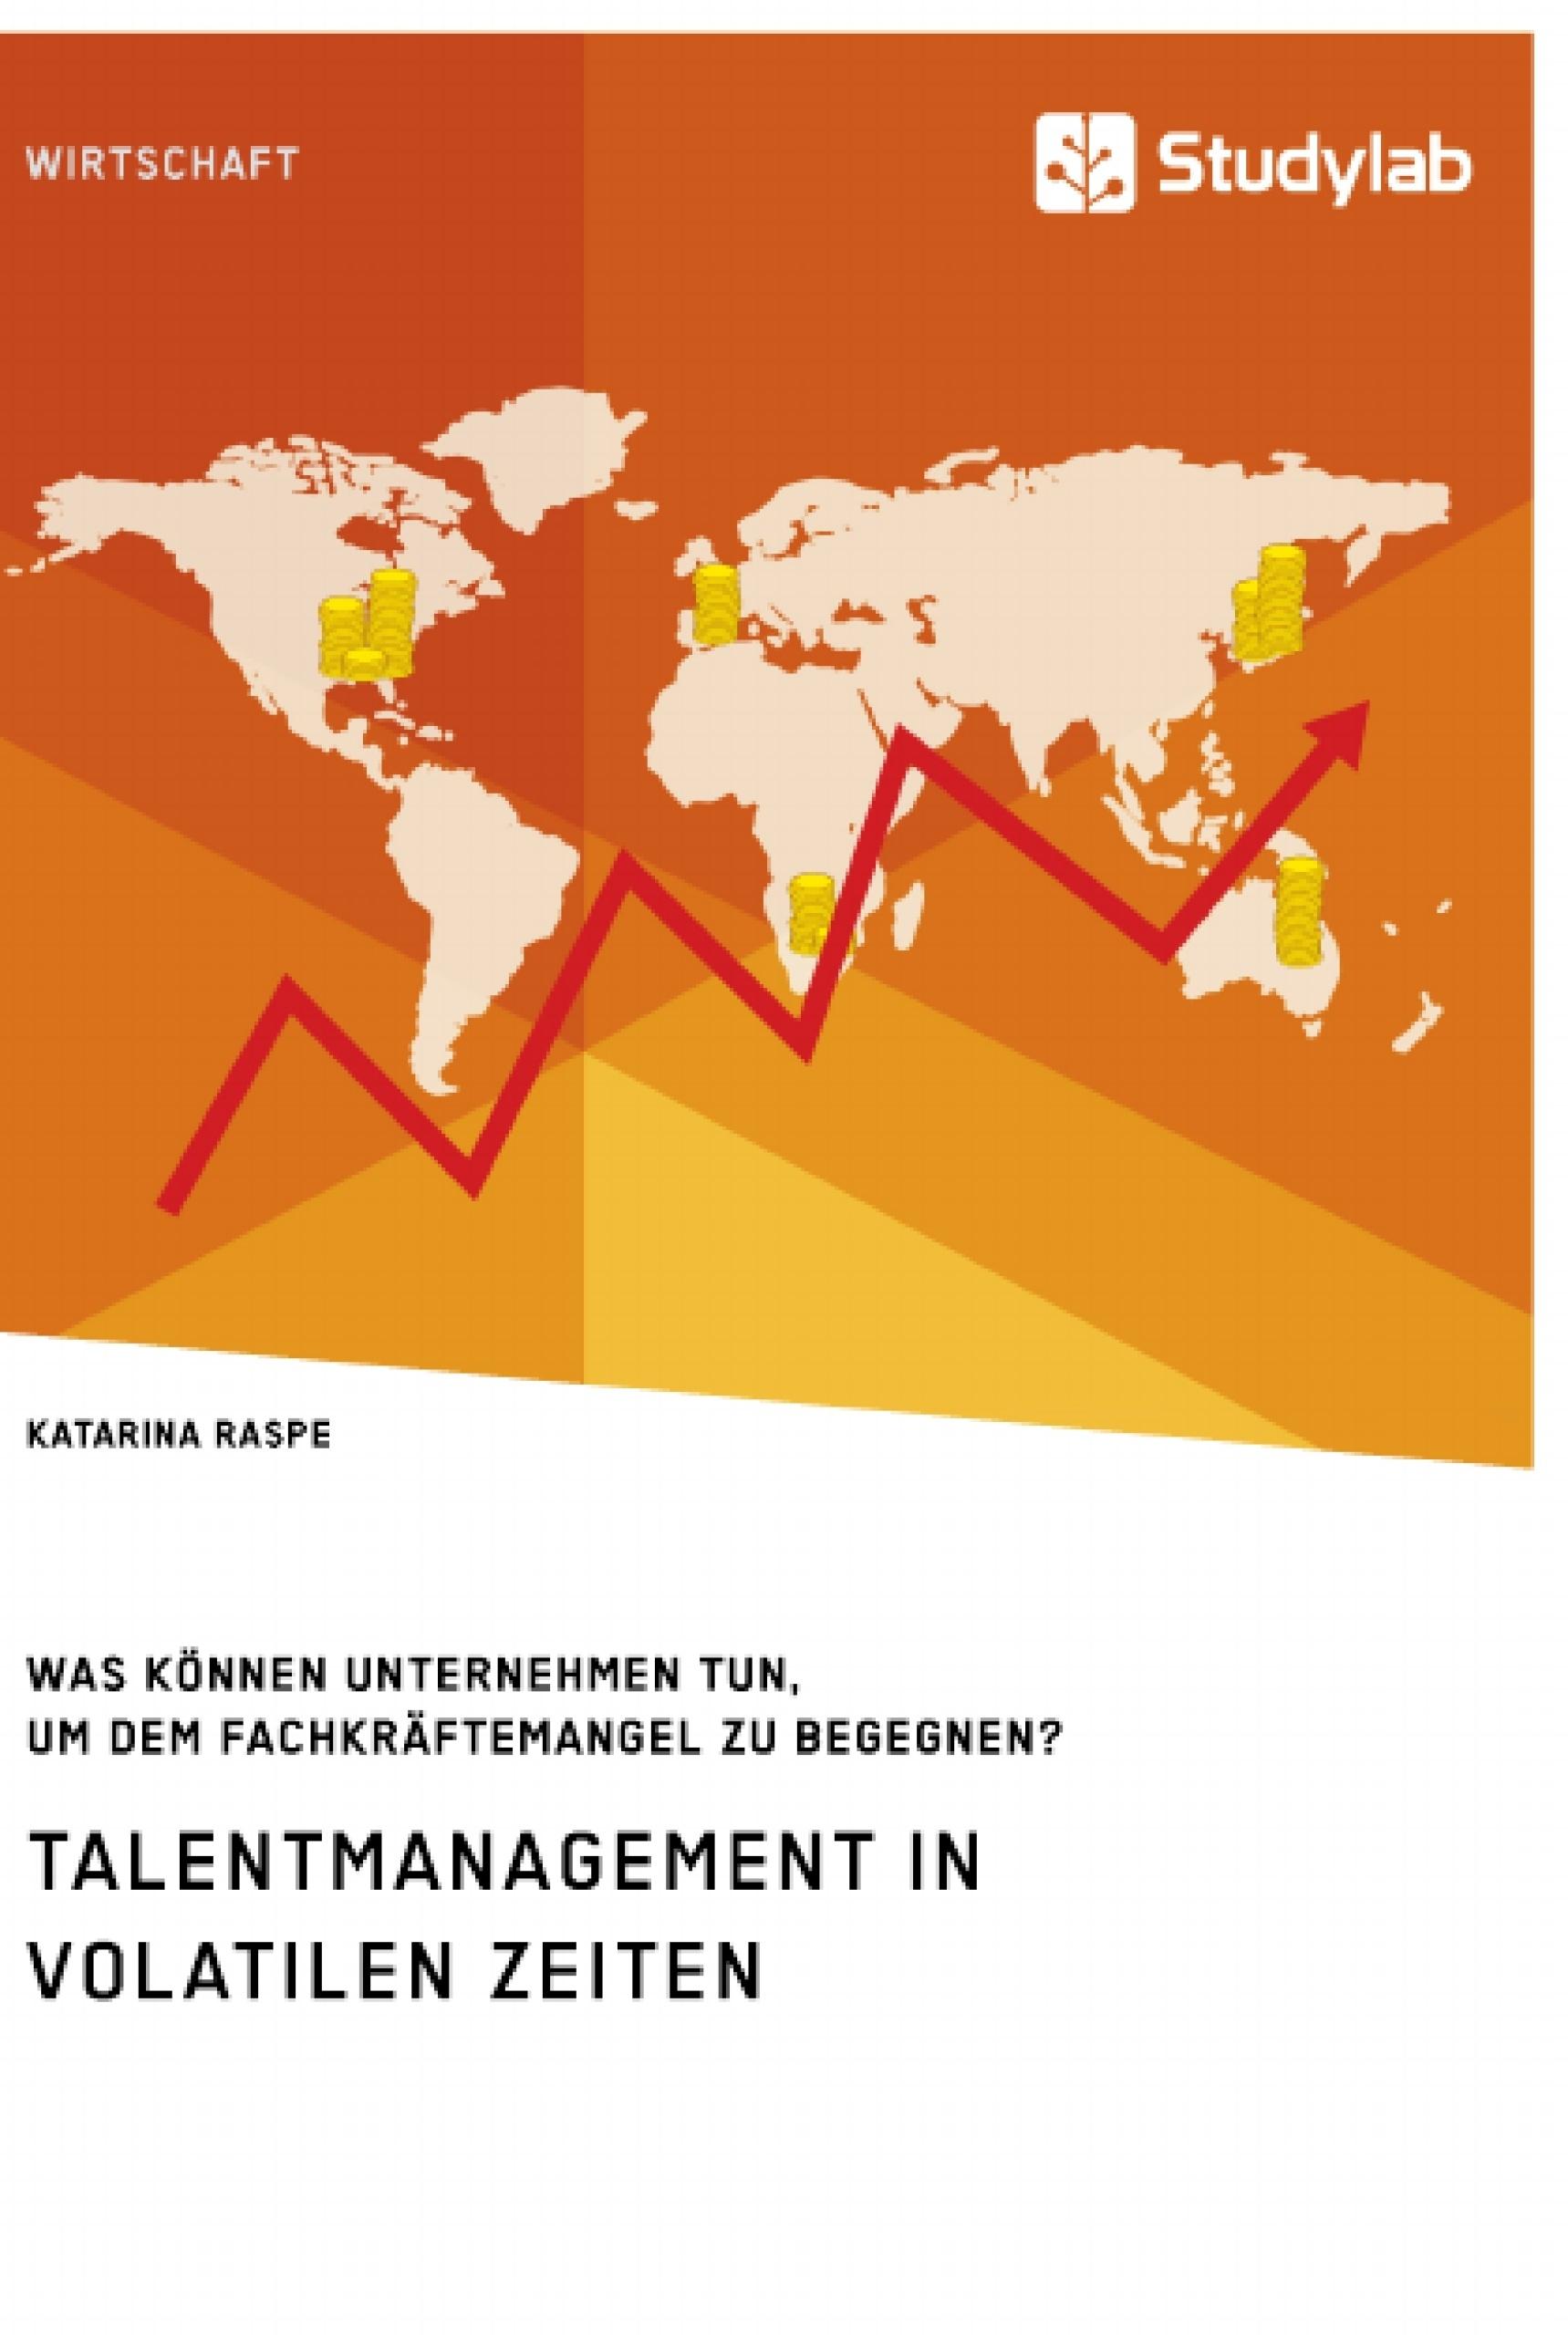 Titel: Talentmanagement in volatilen Zeiten. Was können Unternehmen tun, um dem Fachkräftemangel zu begegnen?